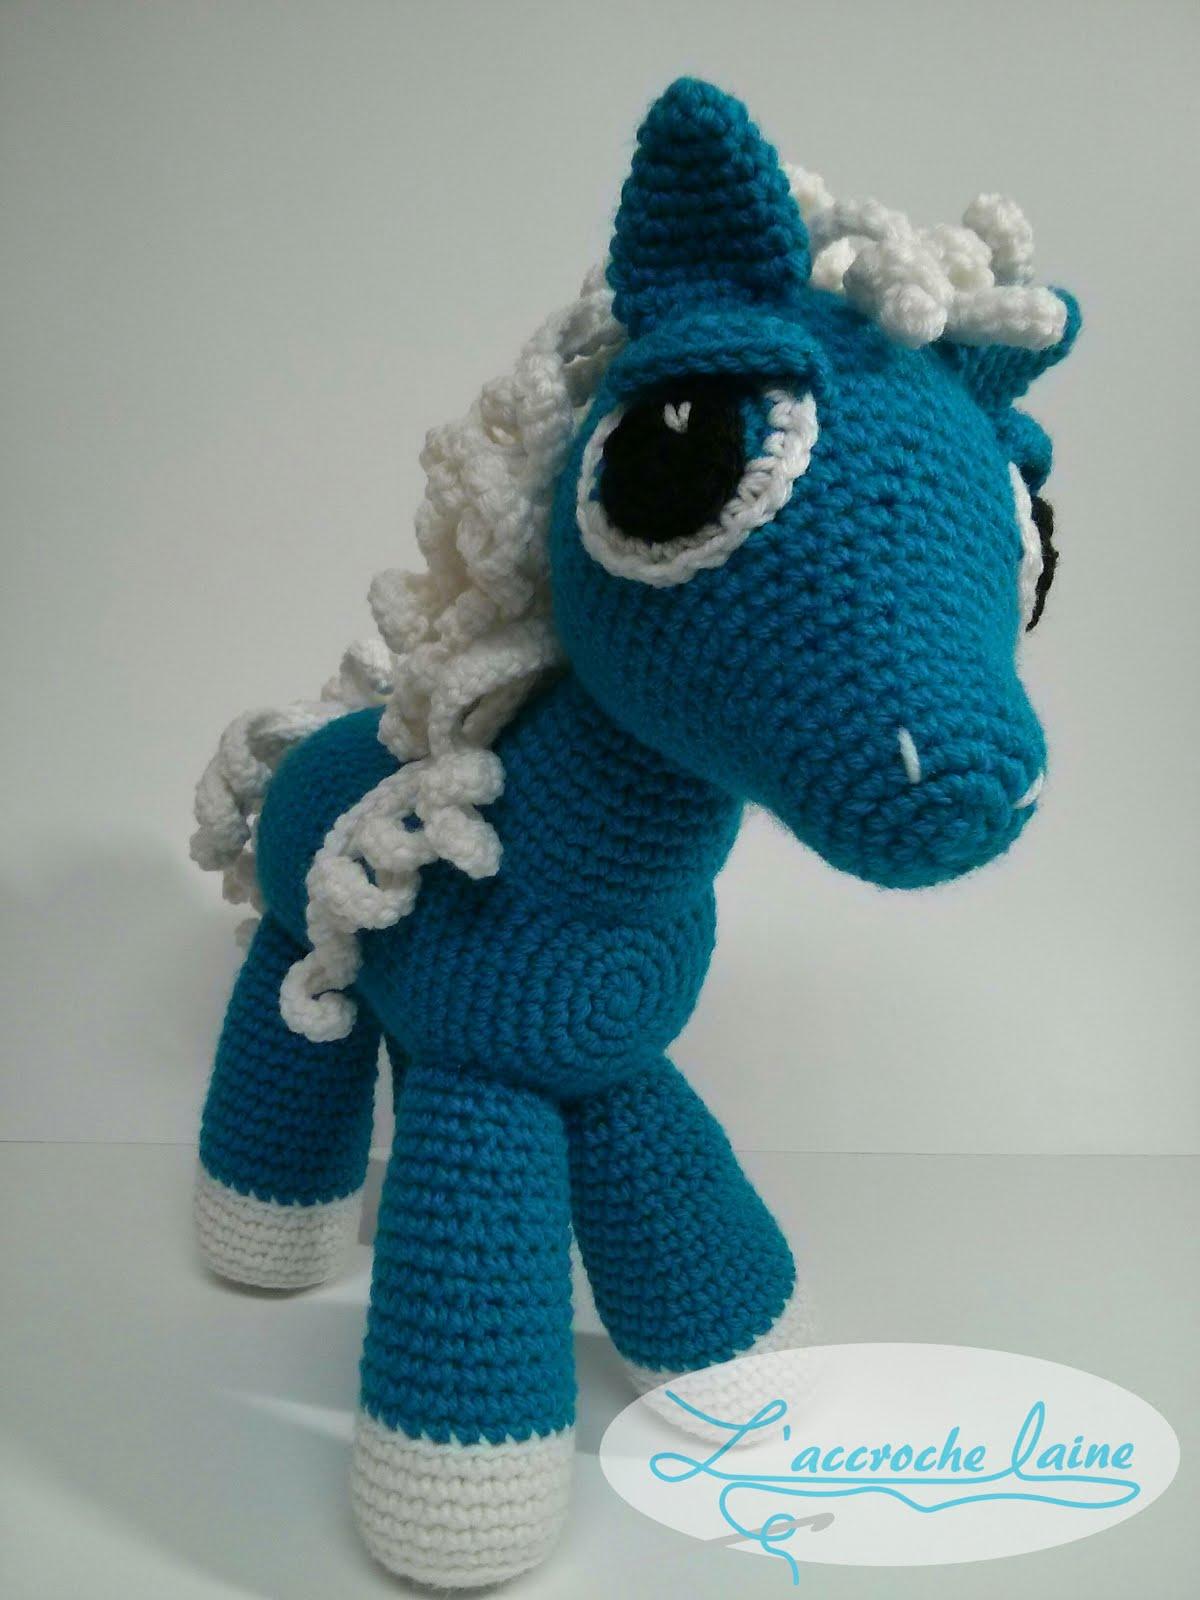 Patron gratuit – Lapin Modèle au Crochet pour Amigurumi - Little ...   1600x1200